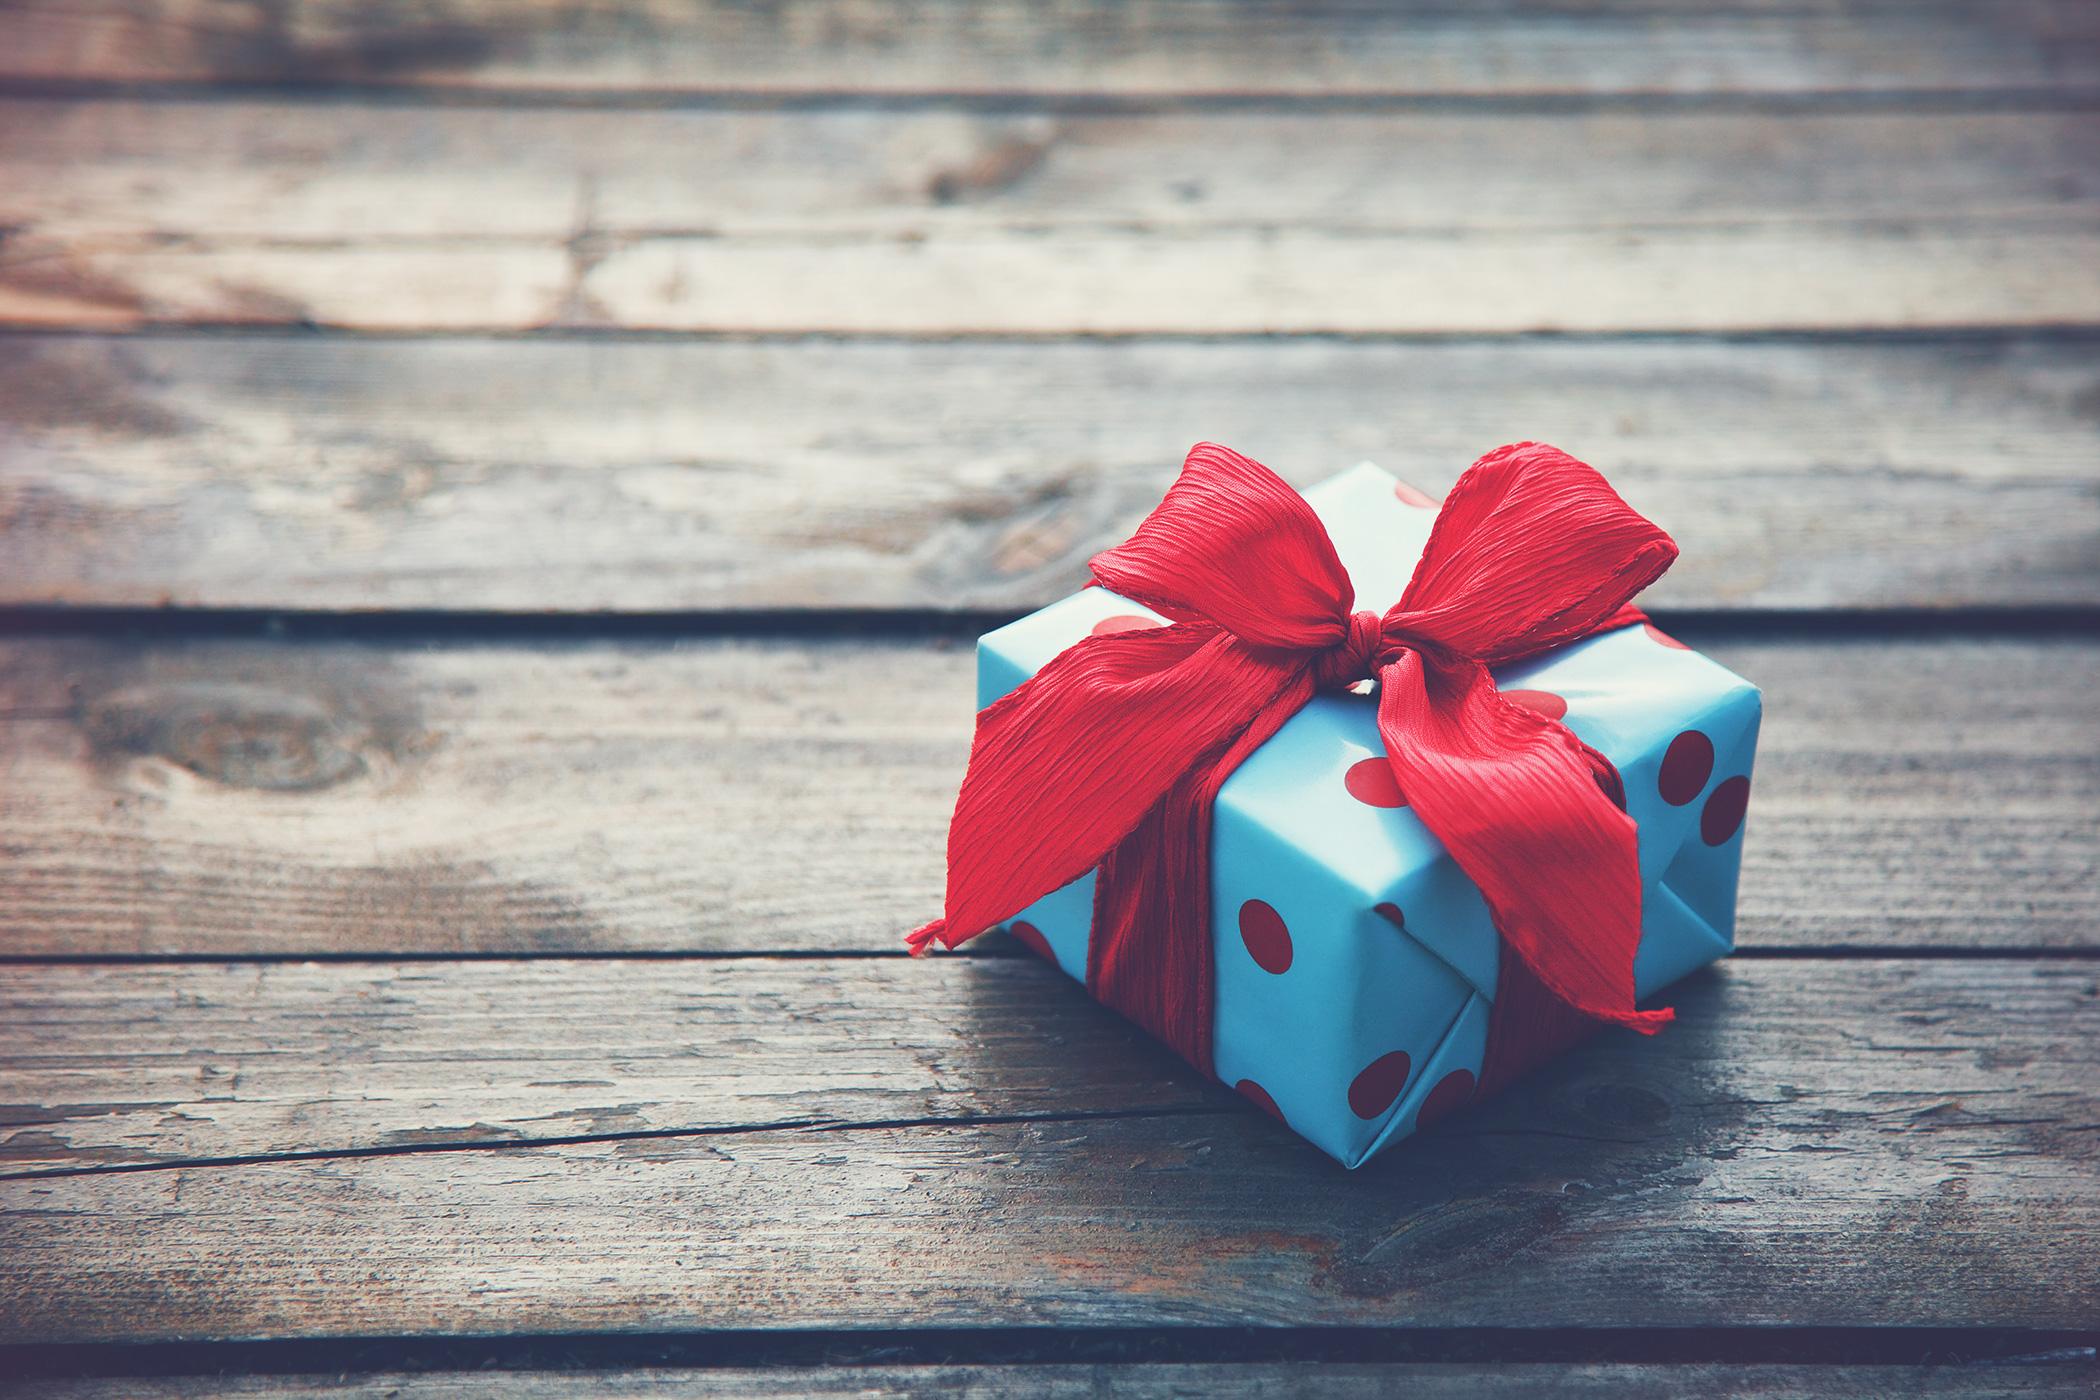 un cadeau de mariage original, symbolique et durable